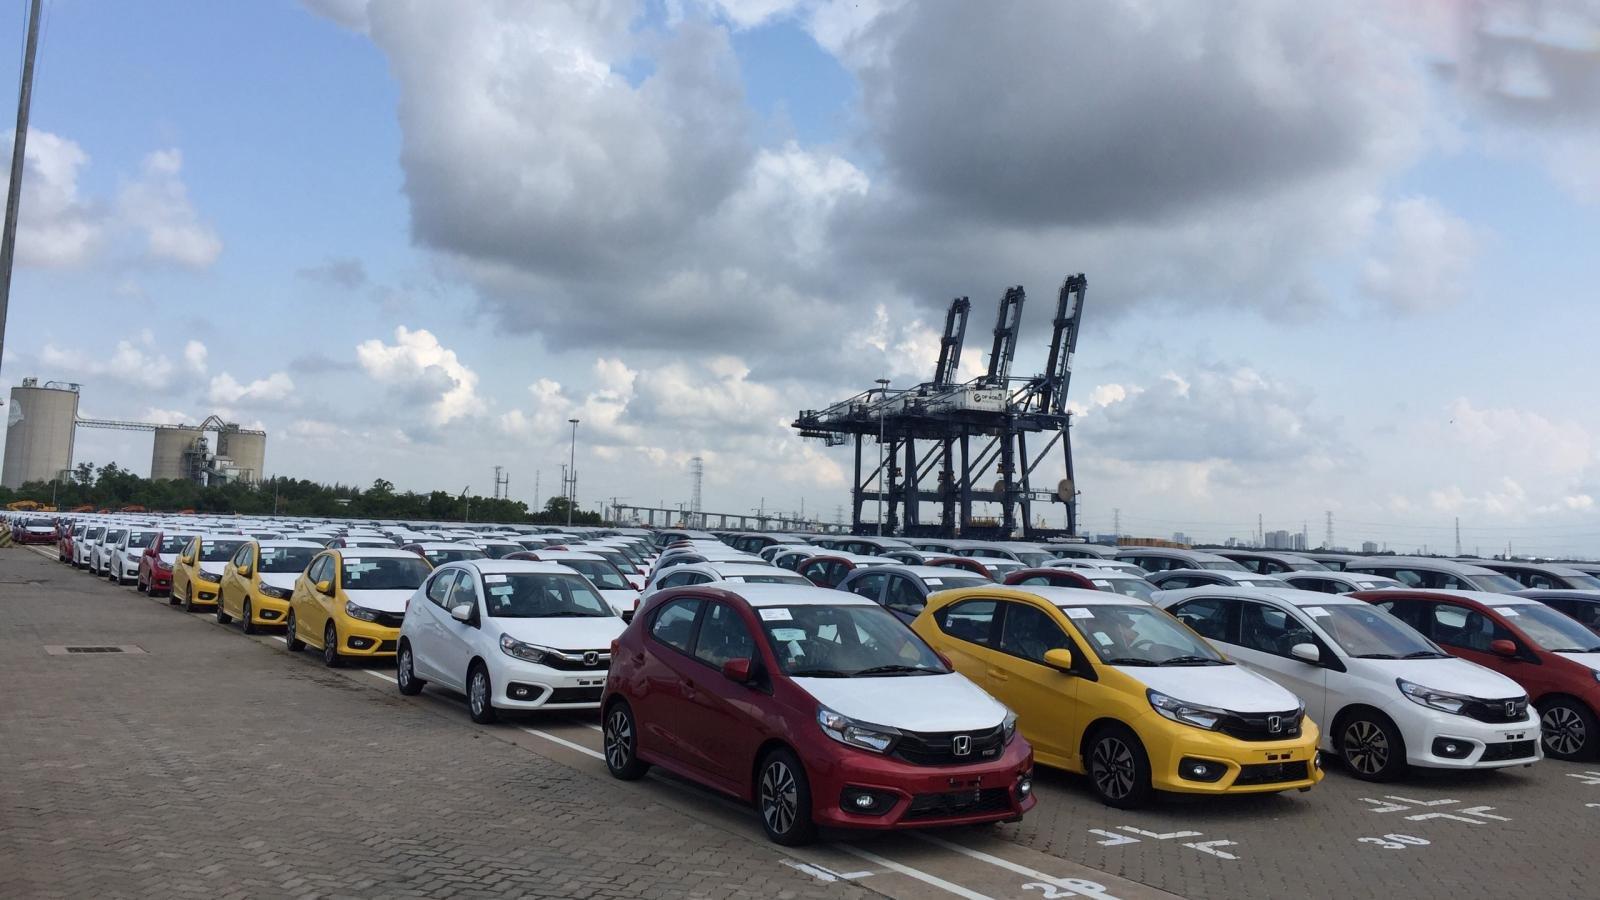 Lộ ảnh Honda Brio 2019 trên đường về đại lý, sắp ra mắt Việt Nam a3